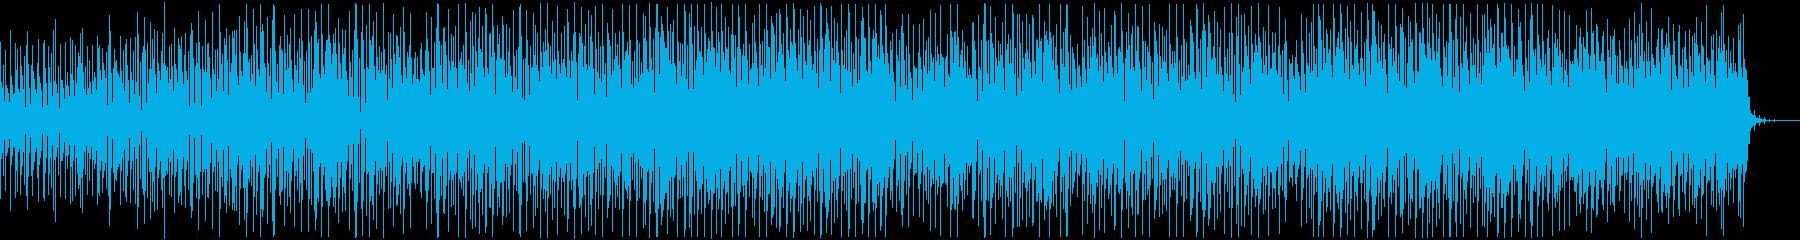 デジタル/チュートリアル/解説/近未来的の再生済みの波形